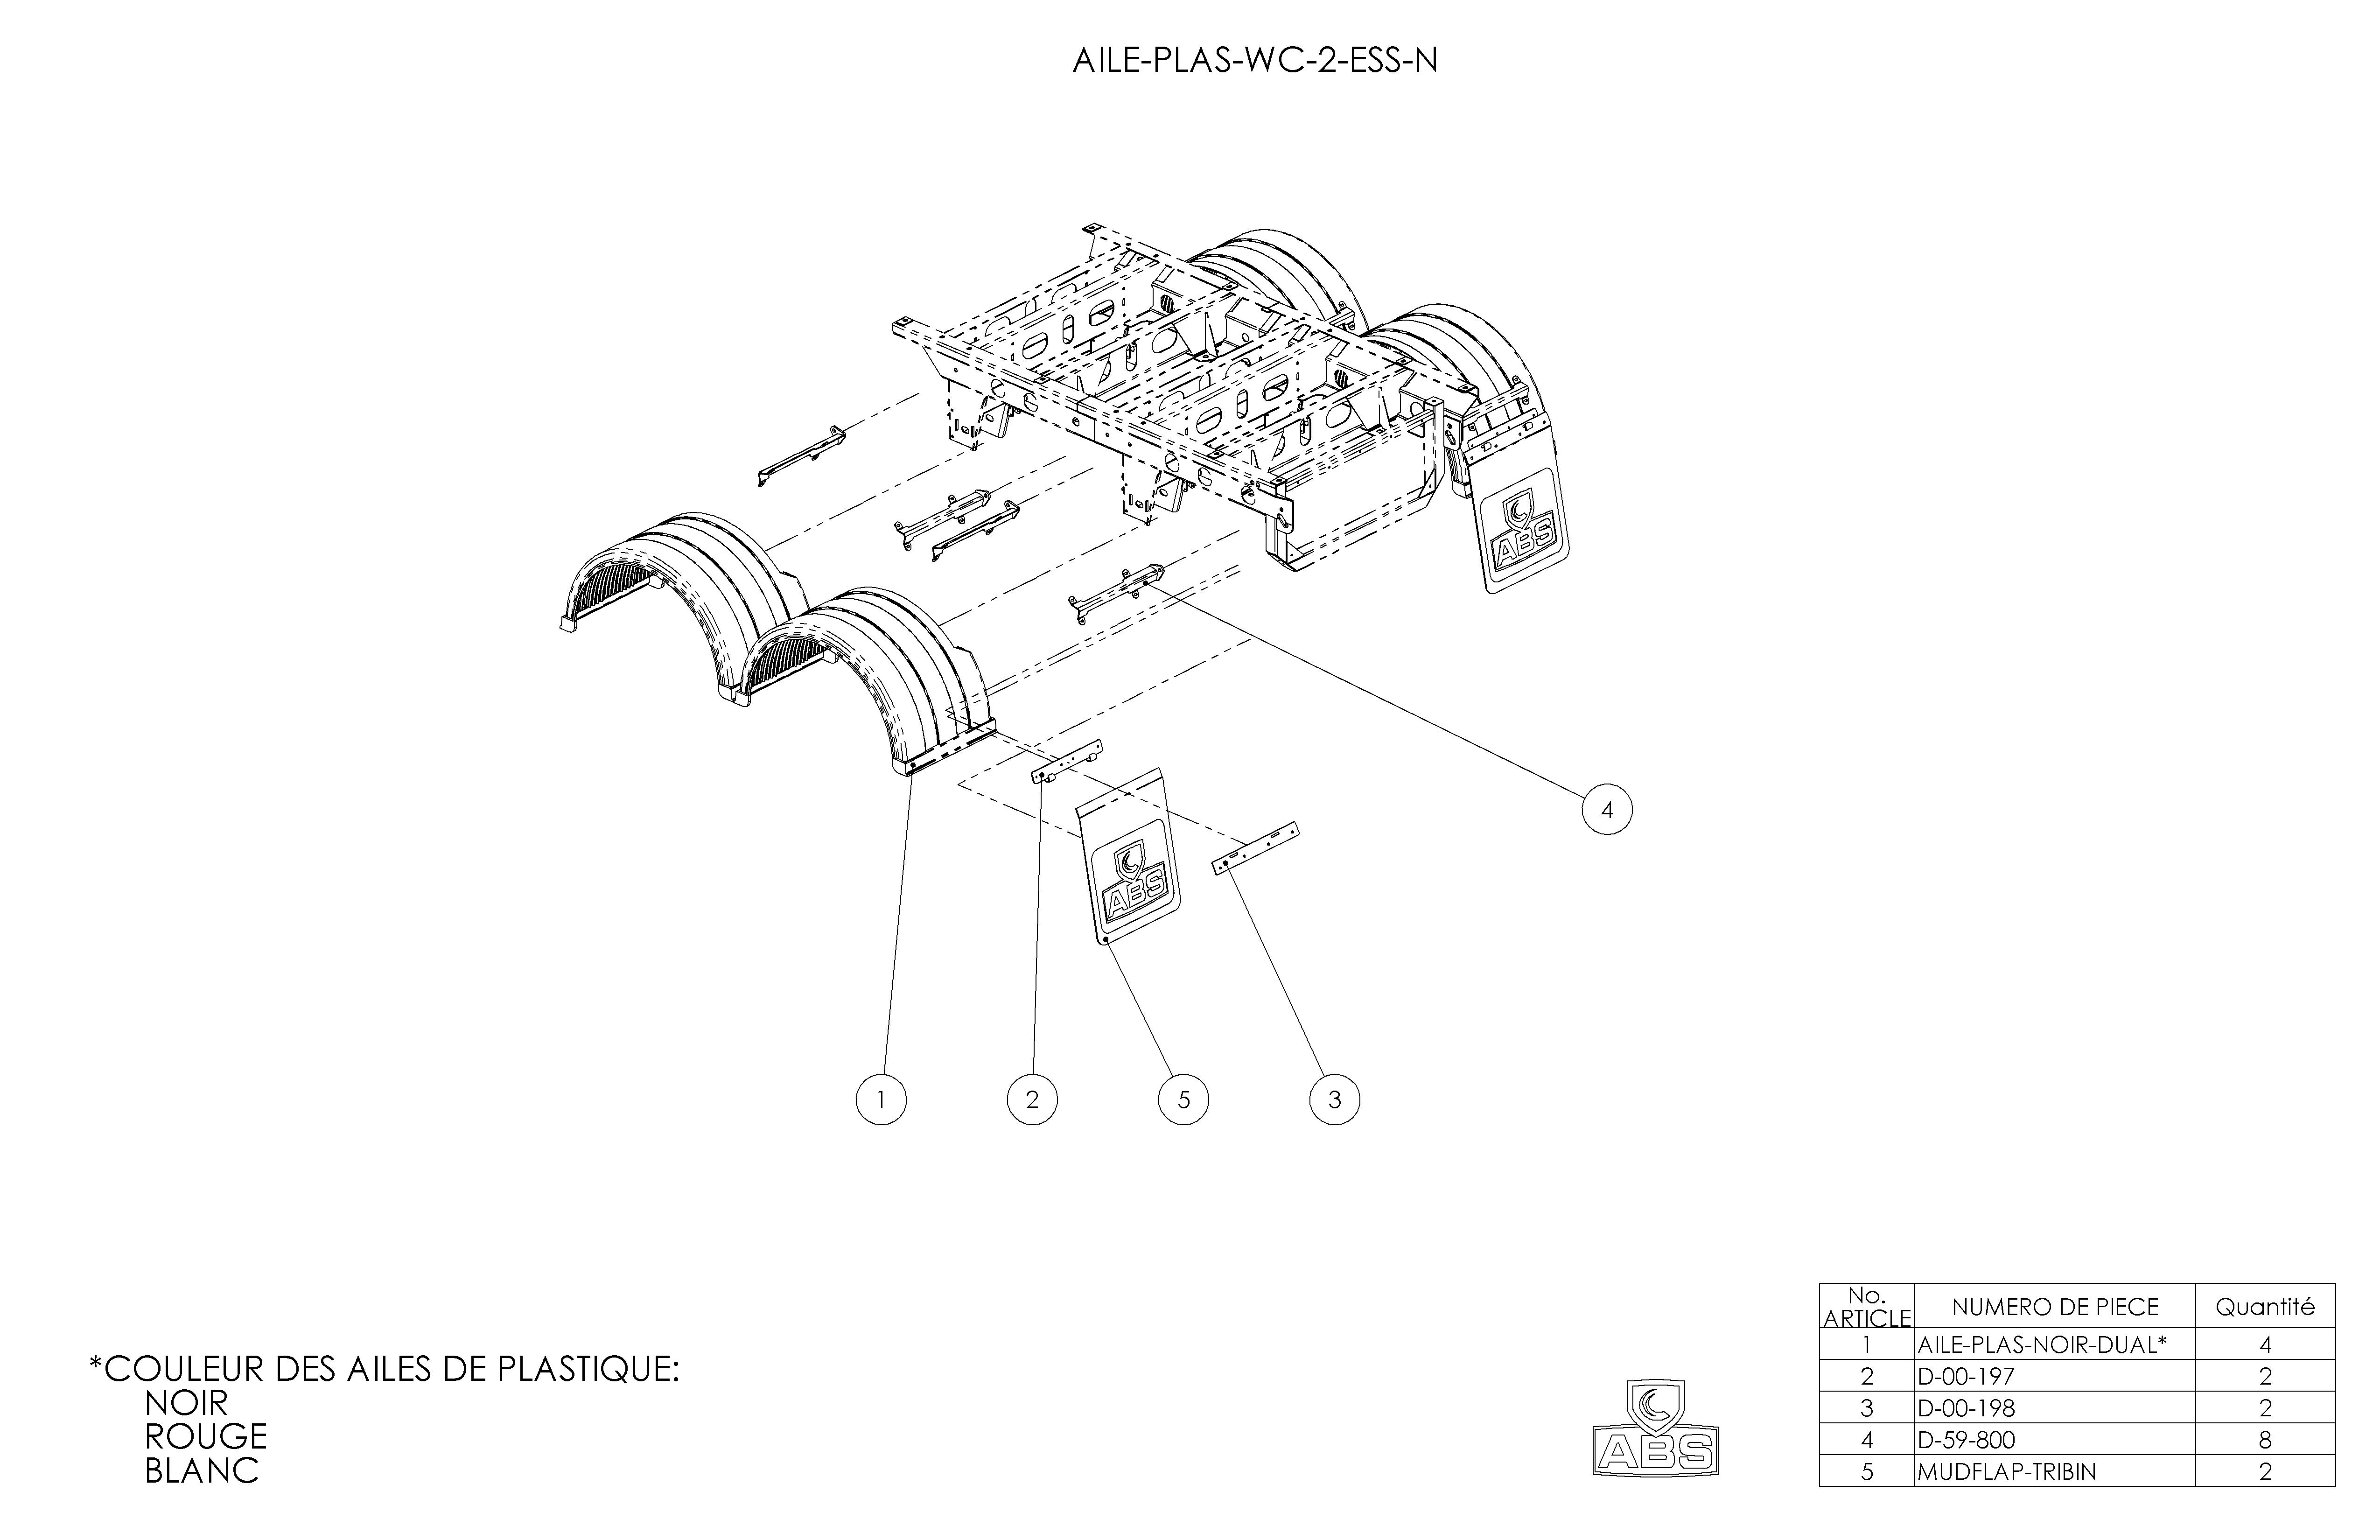 remorques-abs-fiche-technique-ailes-plastique-wc-2-essieux-n